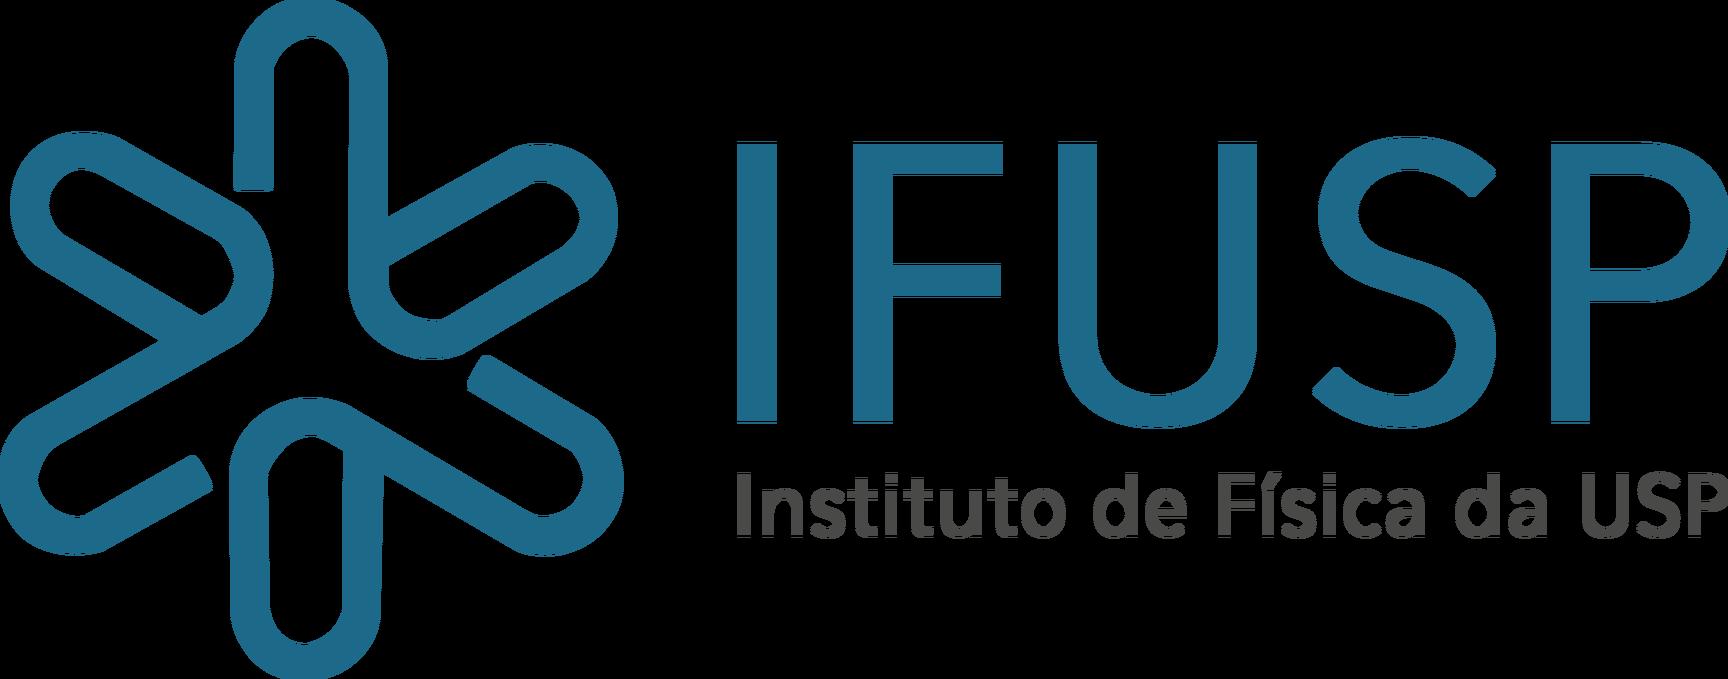 Agora sou IFUSP